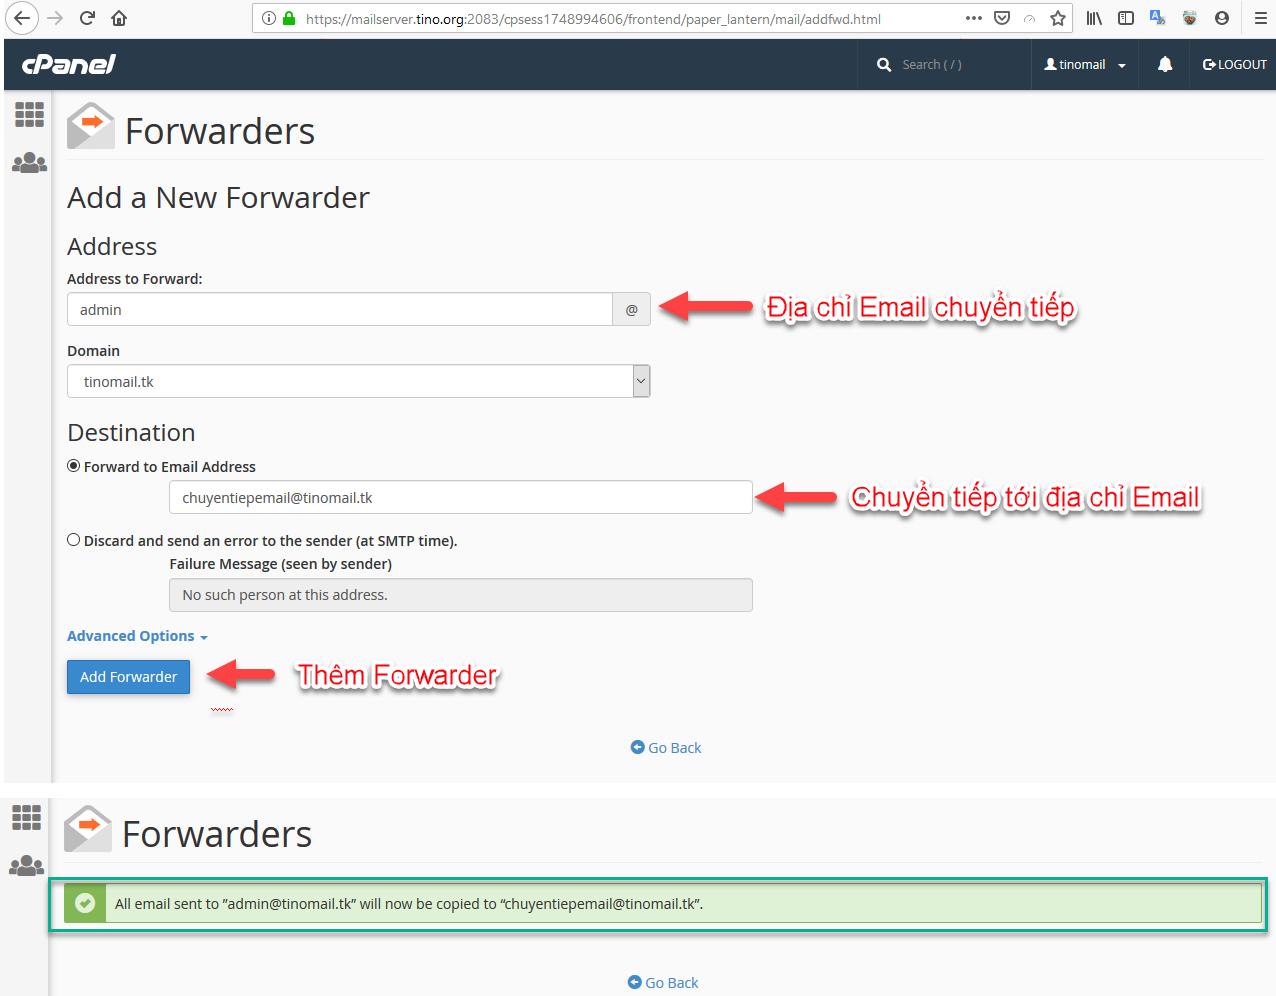 Hướng dẫn sử dụng chức năng Forwarders (Chuyển tiếp) trên Email Hosting 7